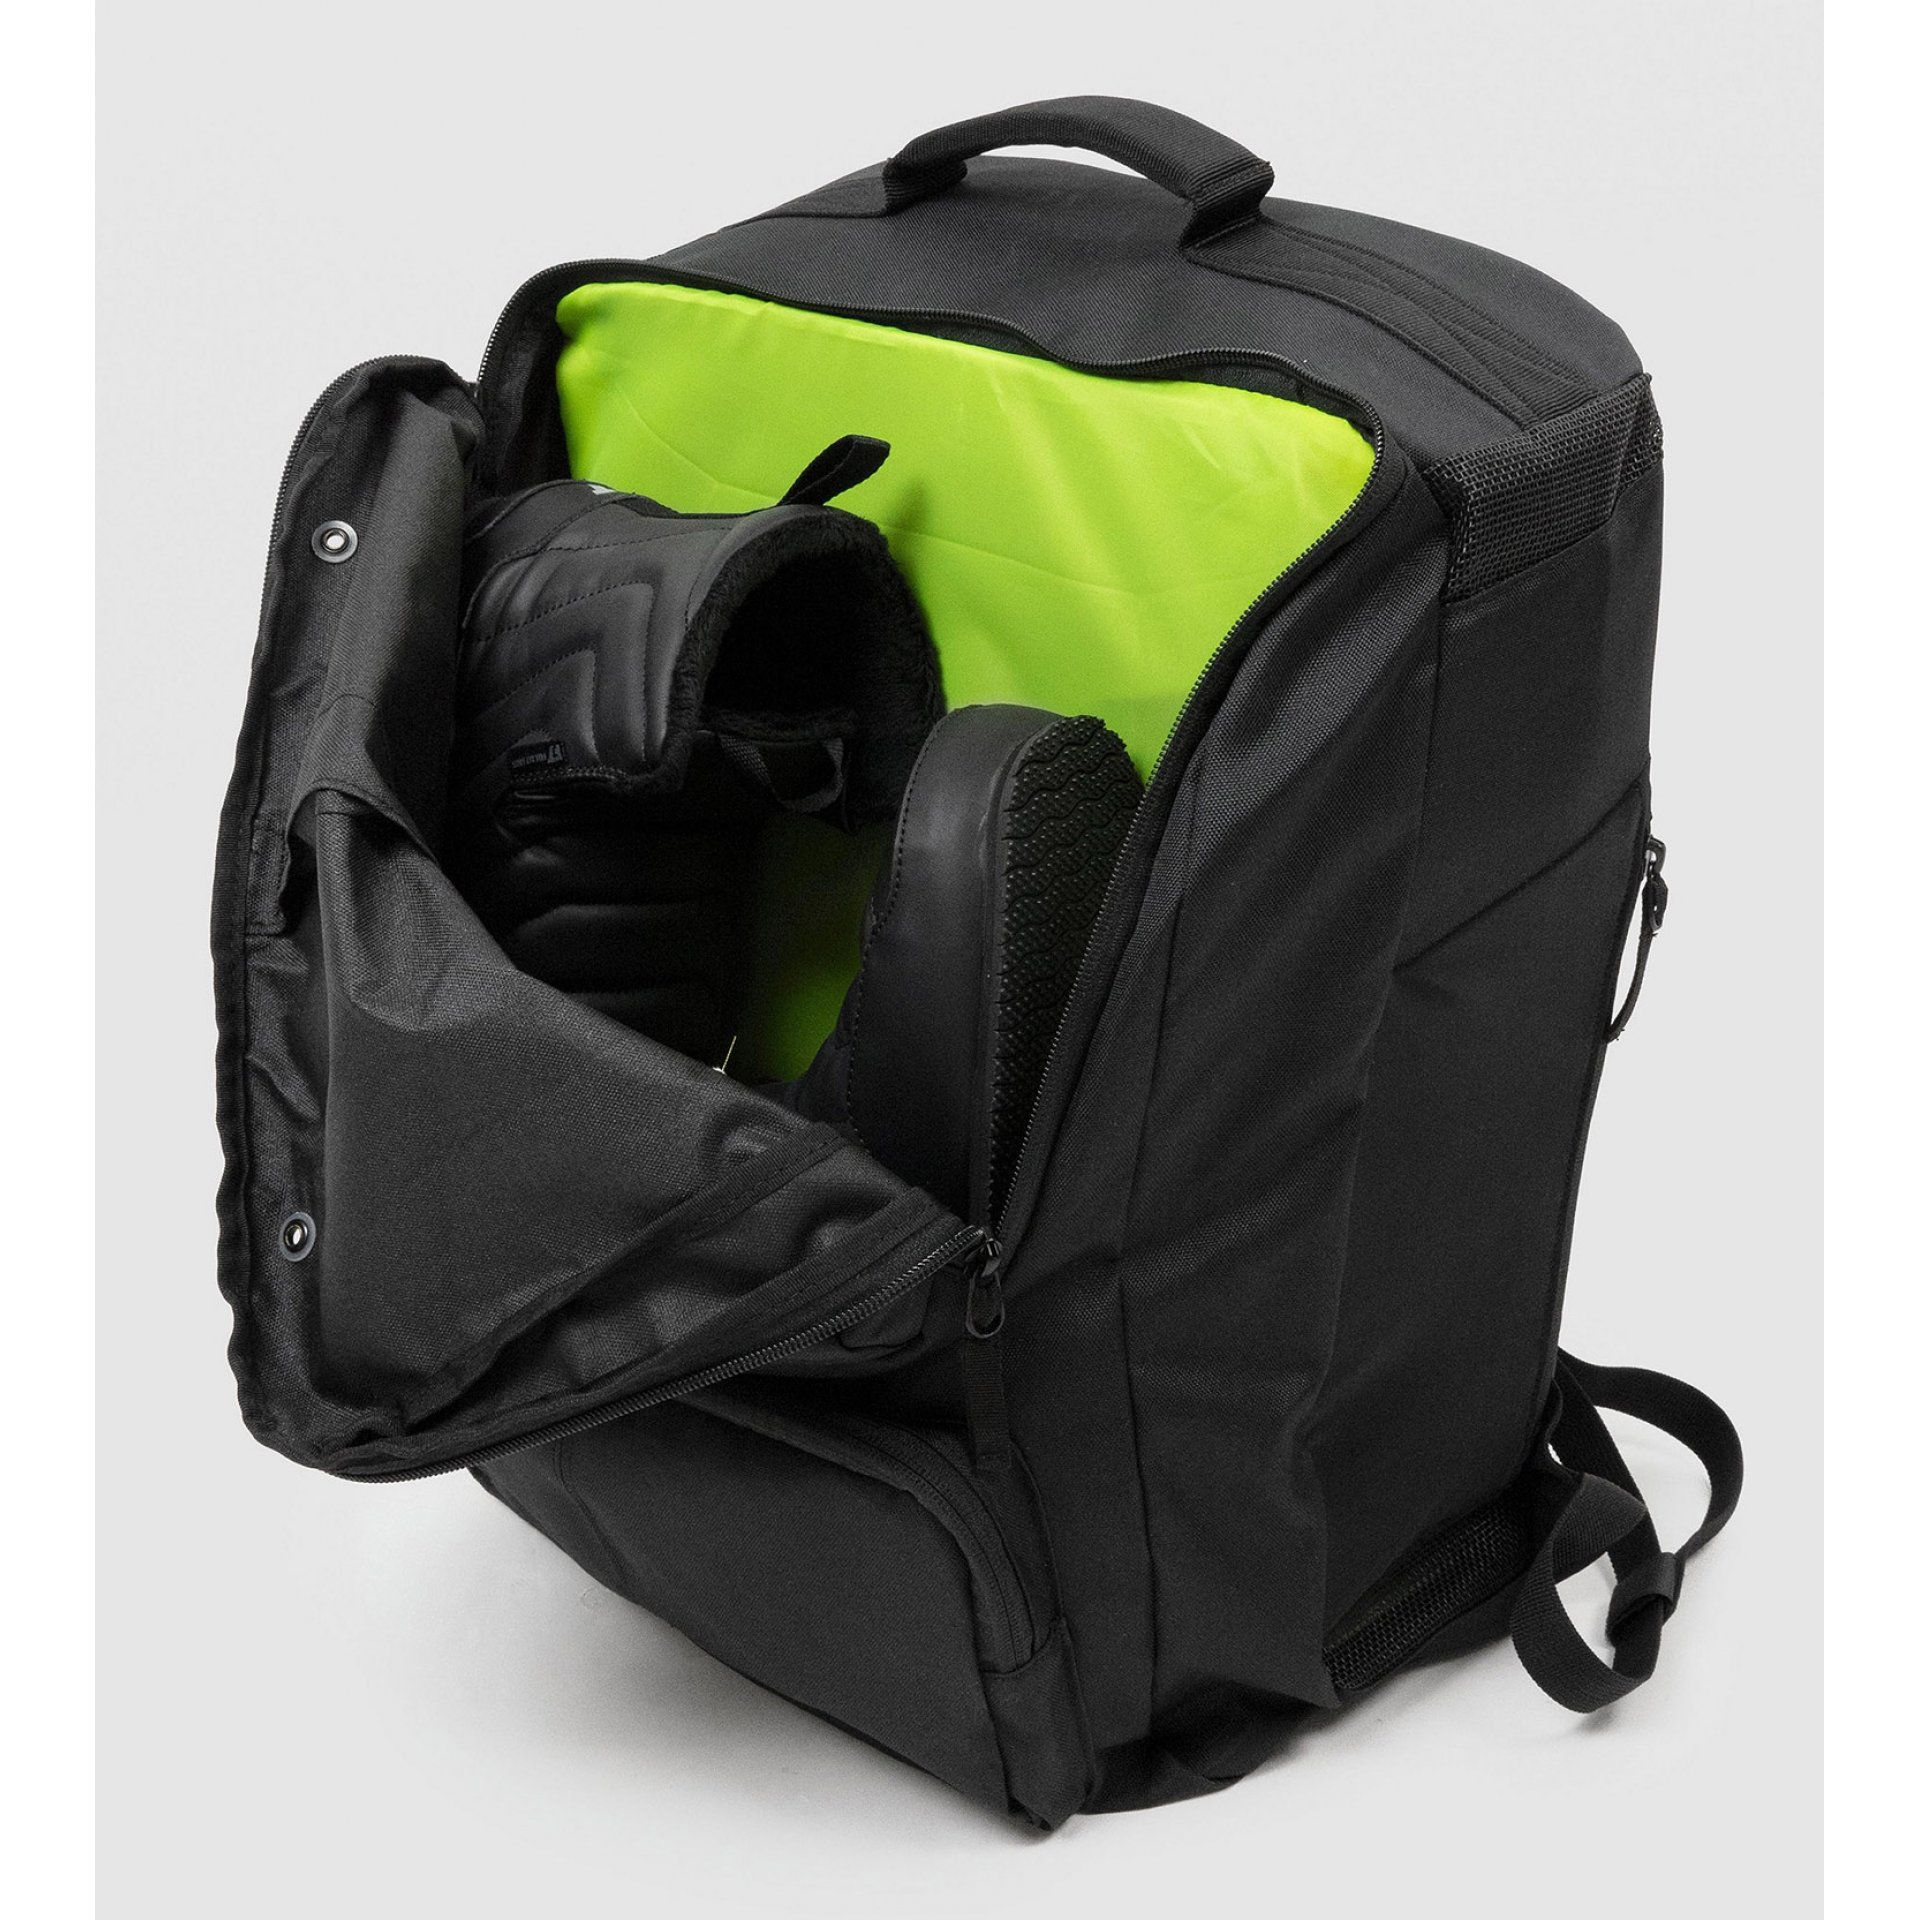 PLECAK NA BUTY I KASK FULL TILT SKI BOOT BAG 22D5000 2